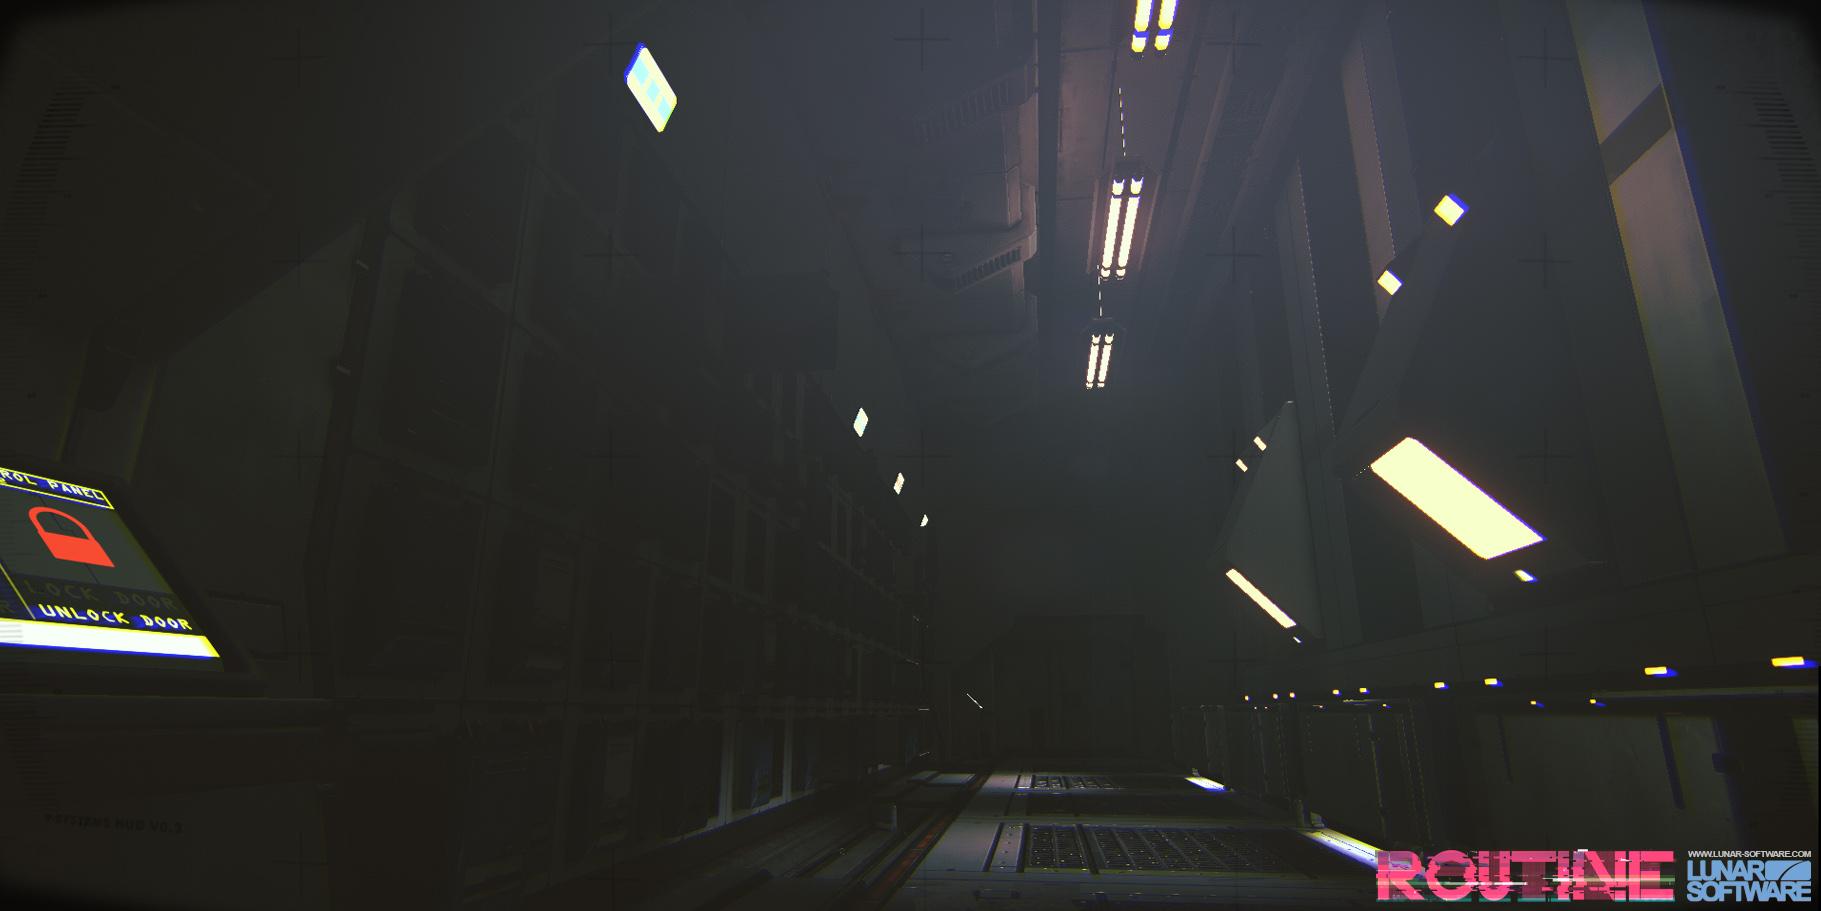 Este trailer de Routine es un viaje sin retorno [Vídeo]